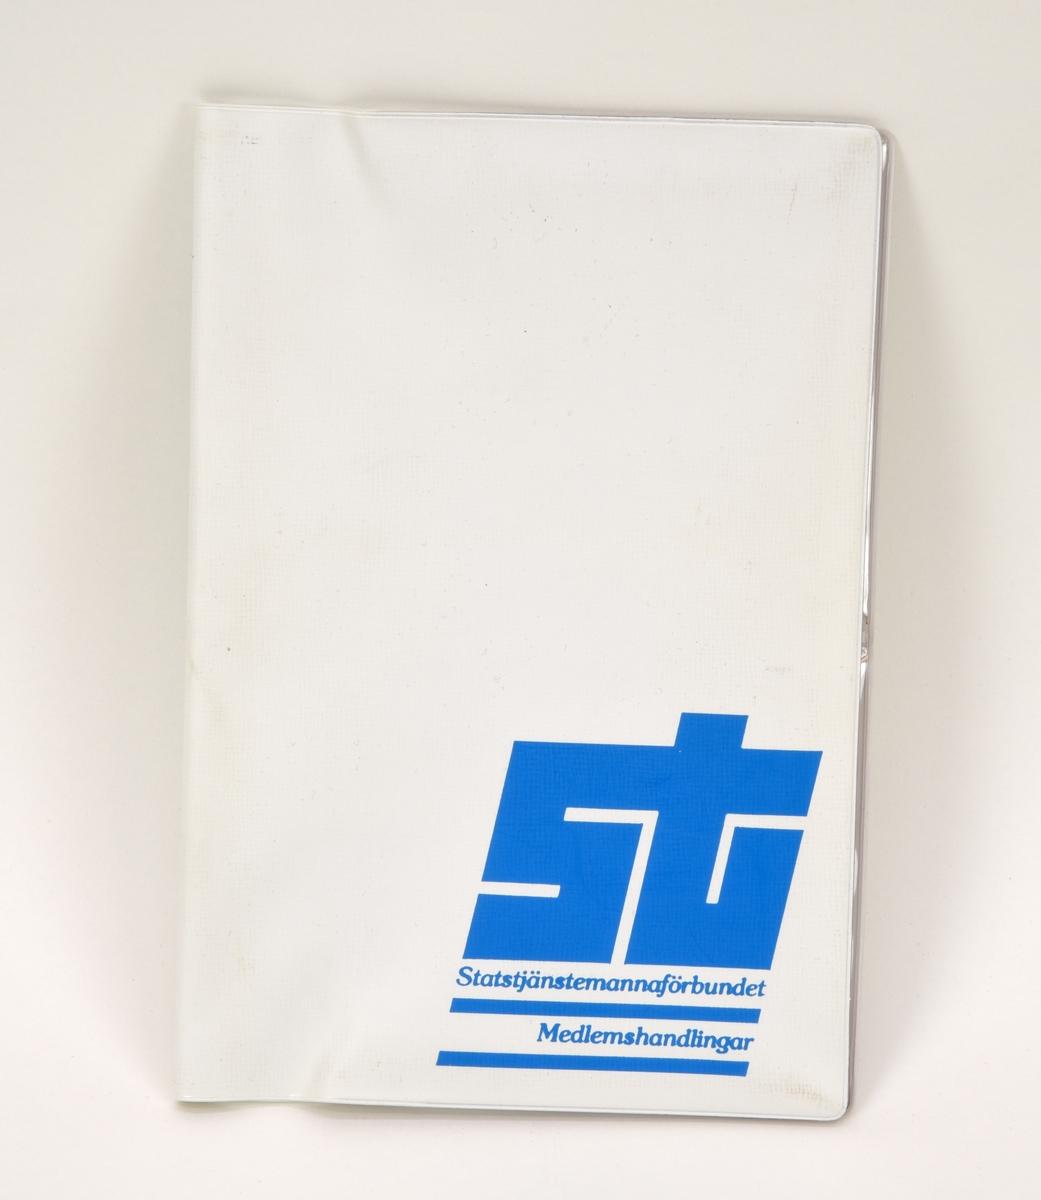 """Vit plastmapp med Statstjänstemannaförbundets logotyp och """"Medlemshandlingar"""" i blått tryck vid nedre högra hörnet. På insidan finns fickor i genomskinlig plast, på vänstra sidan två fickor i fullängd, på den högra finns likadan fickor men de är delade på mitten."""